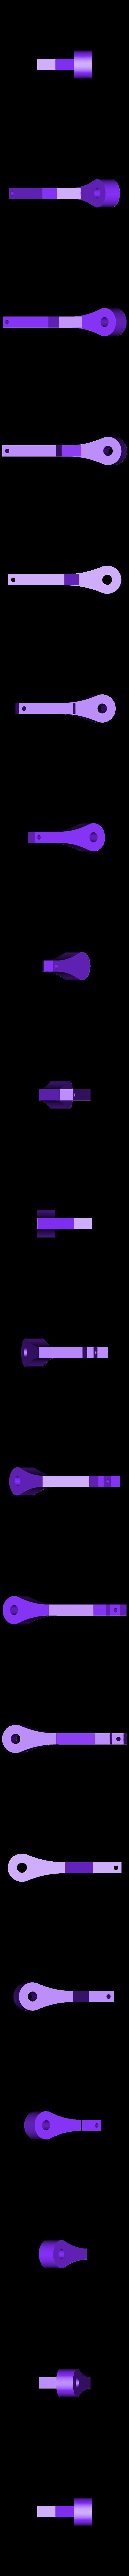 3.stl Télécharger fichier STL gratuit XYZ DaVinci PRO Porte-bobine de surface XYZ DaVinci PRO • Objet pour impression 3D, indigo4